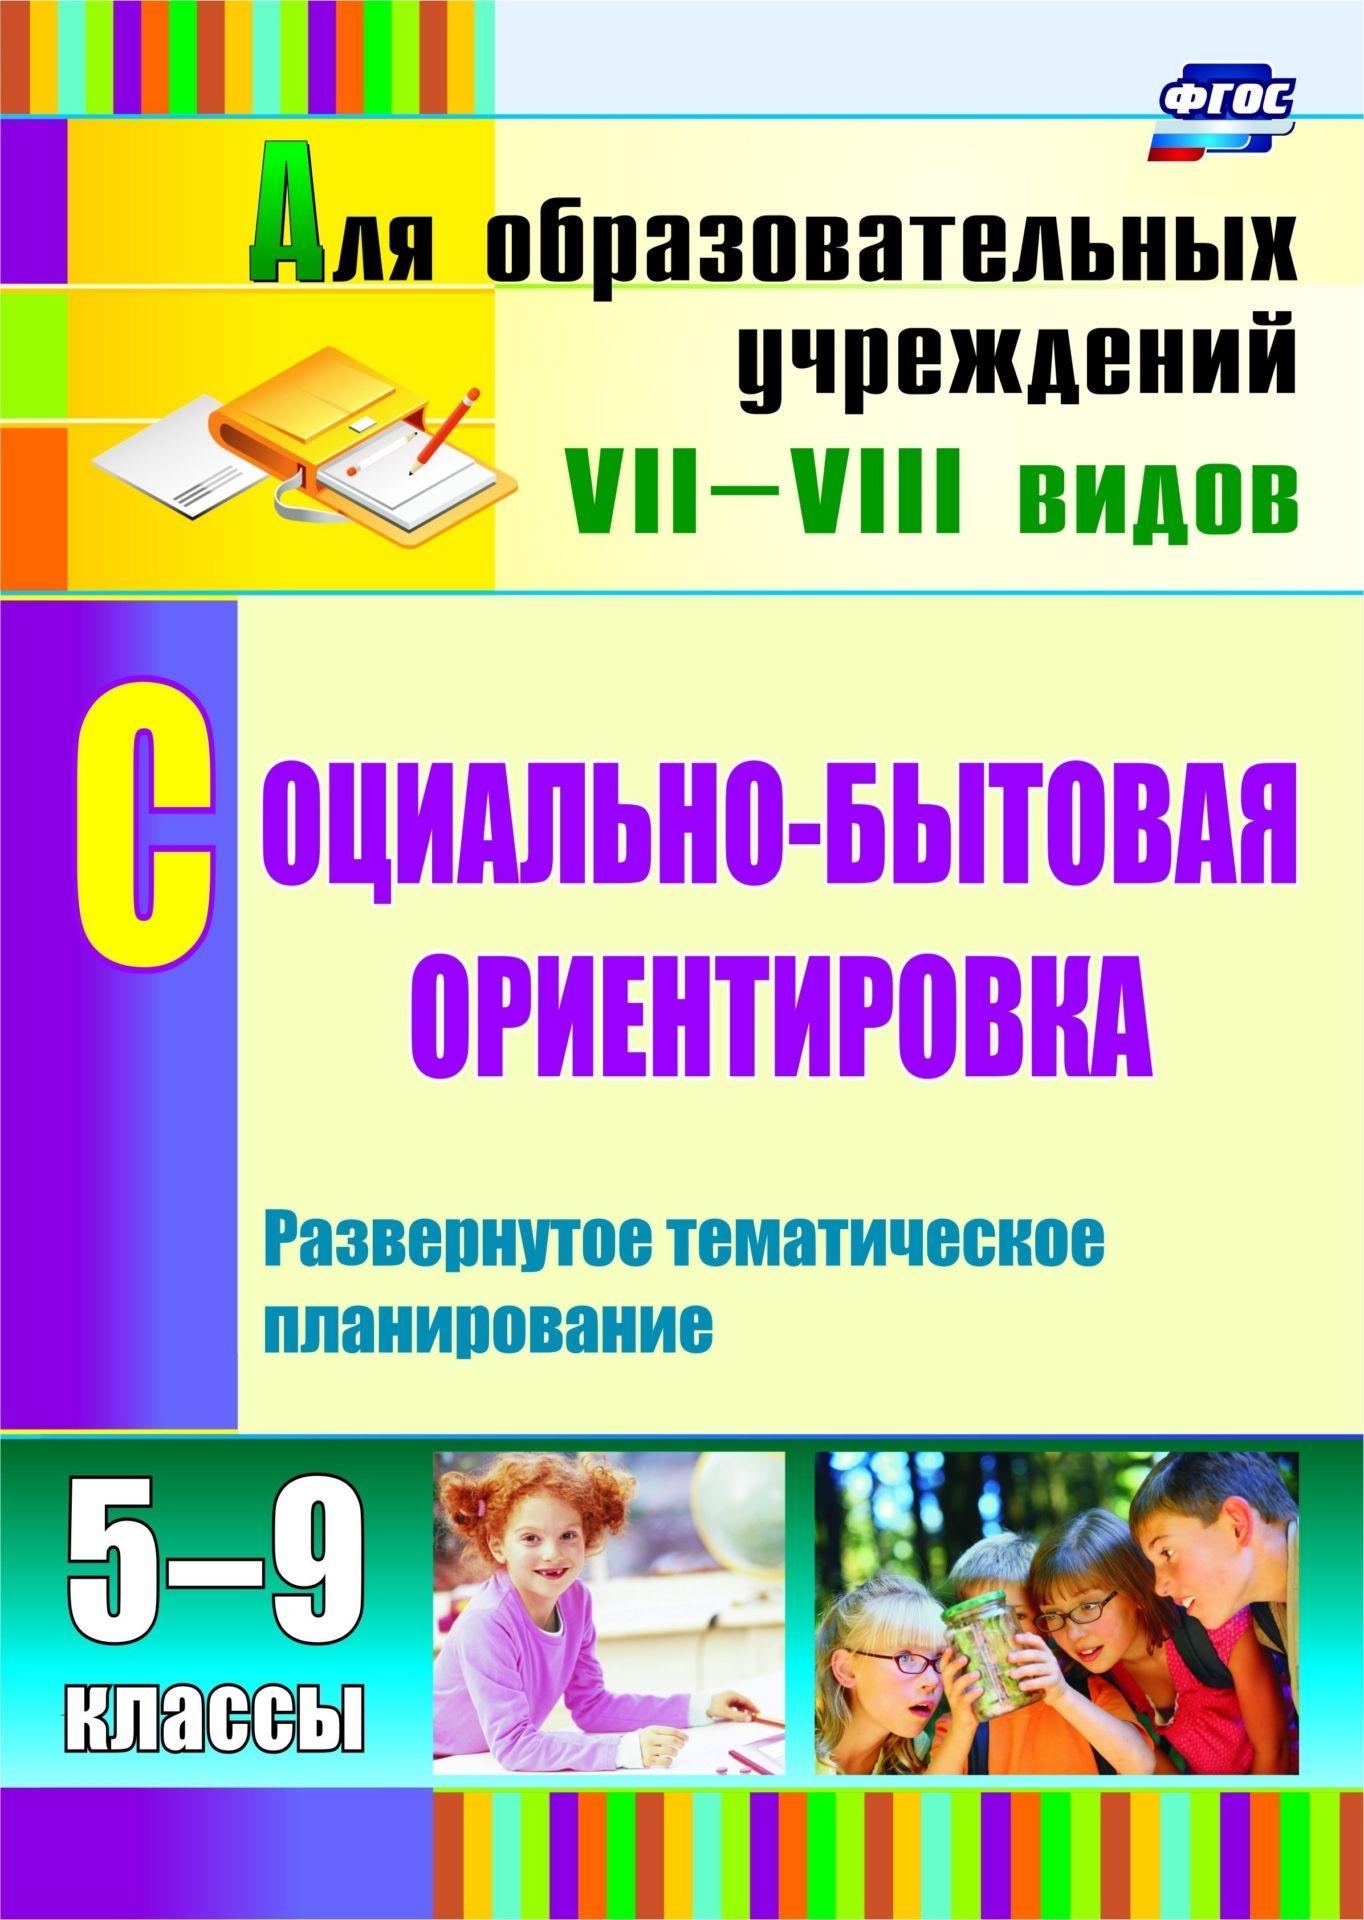 Социально-бытовая ориентировка. 5-9 классы. Развернутое тематическое планирование. Программа для установки через Интернет